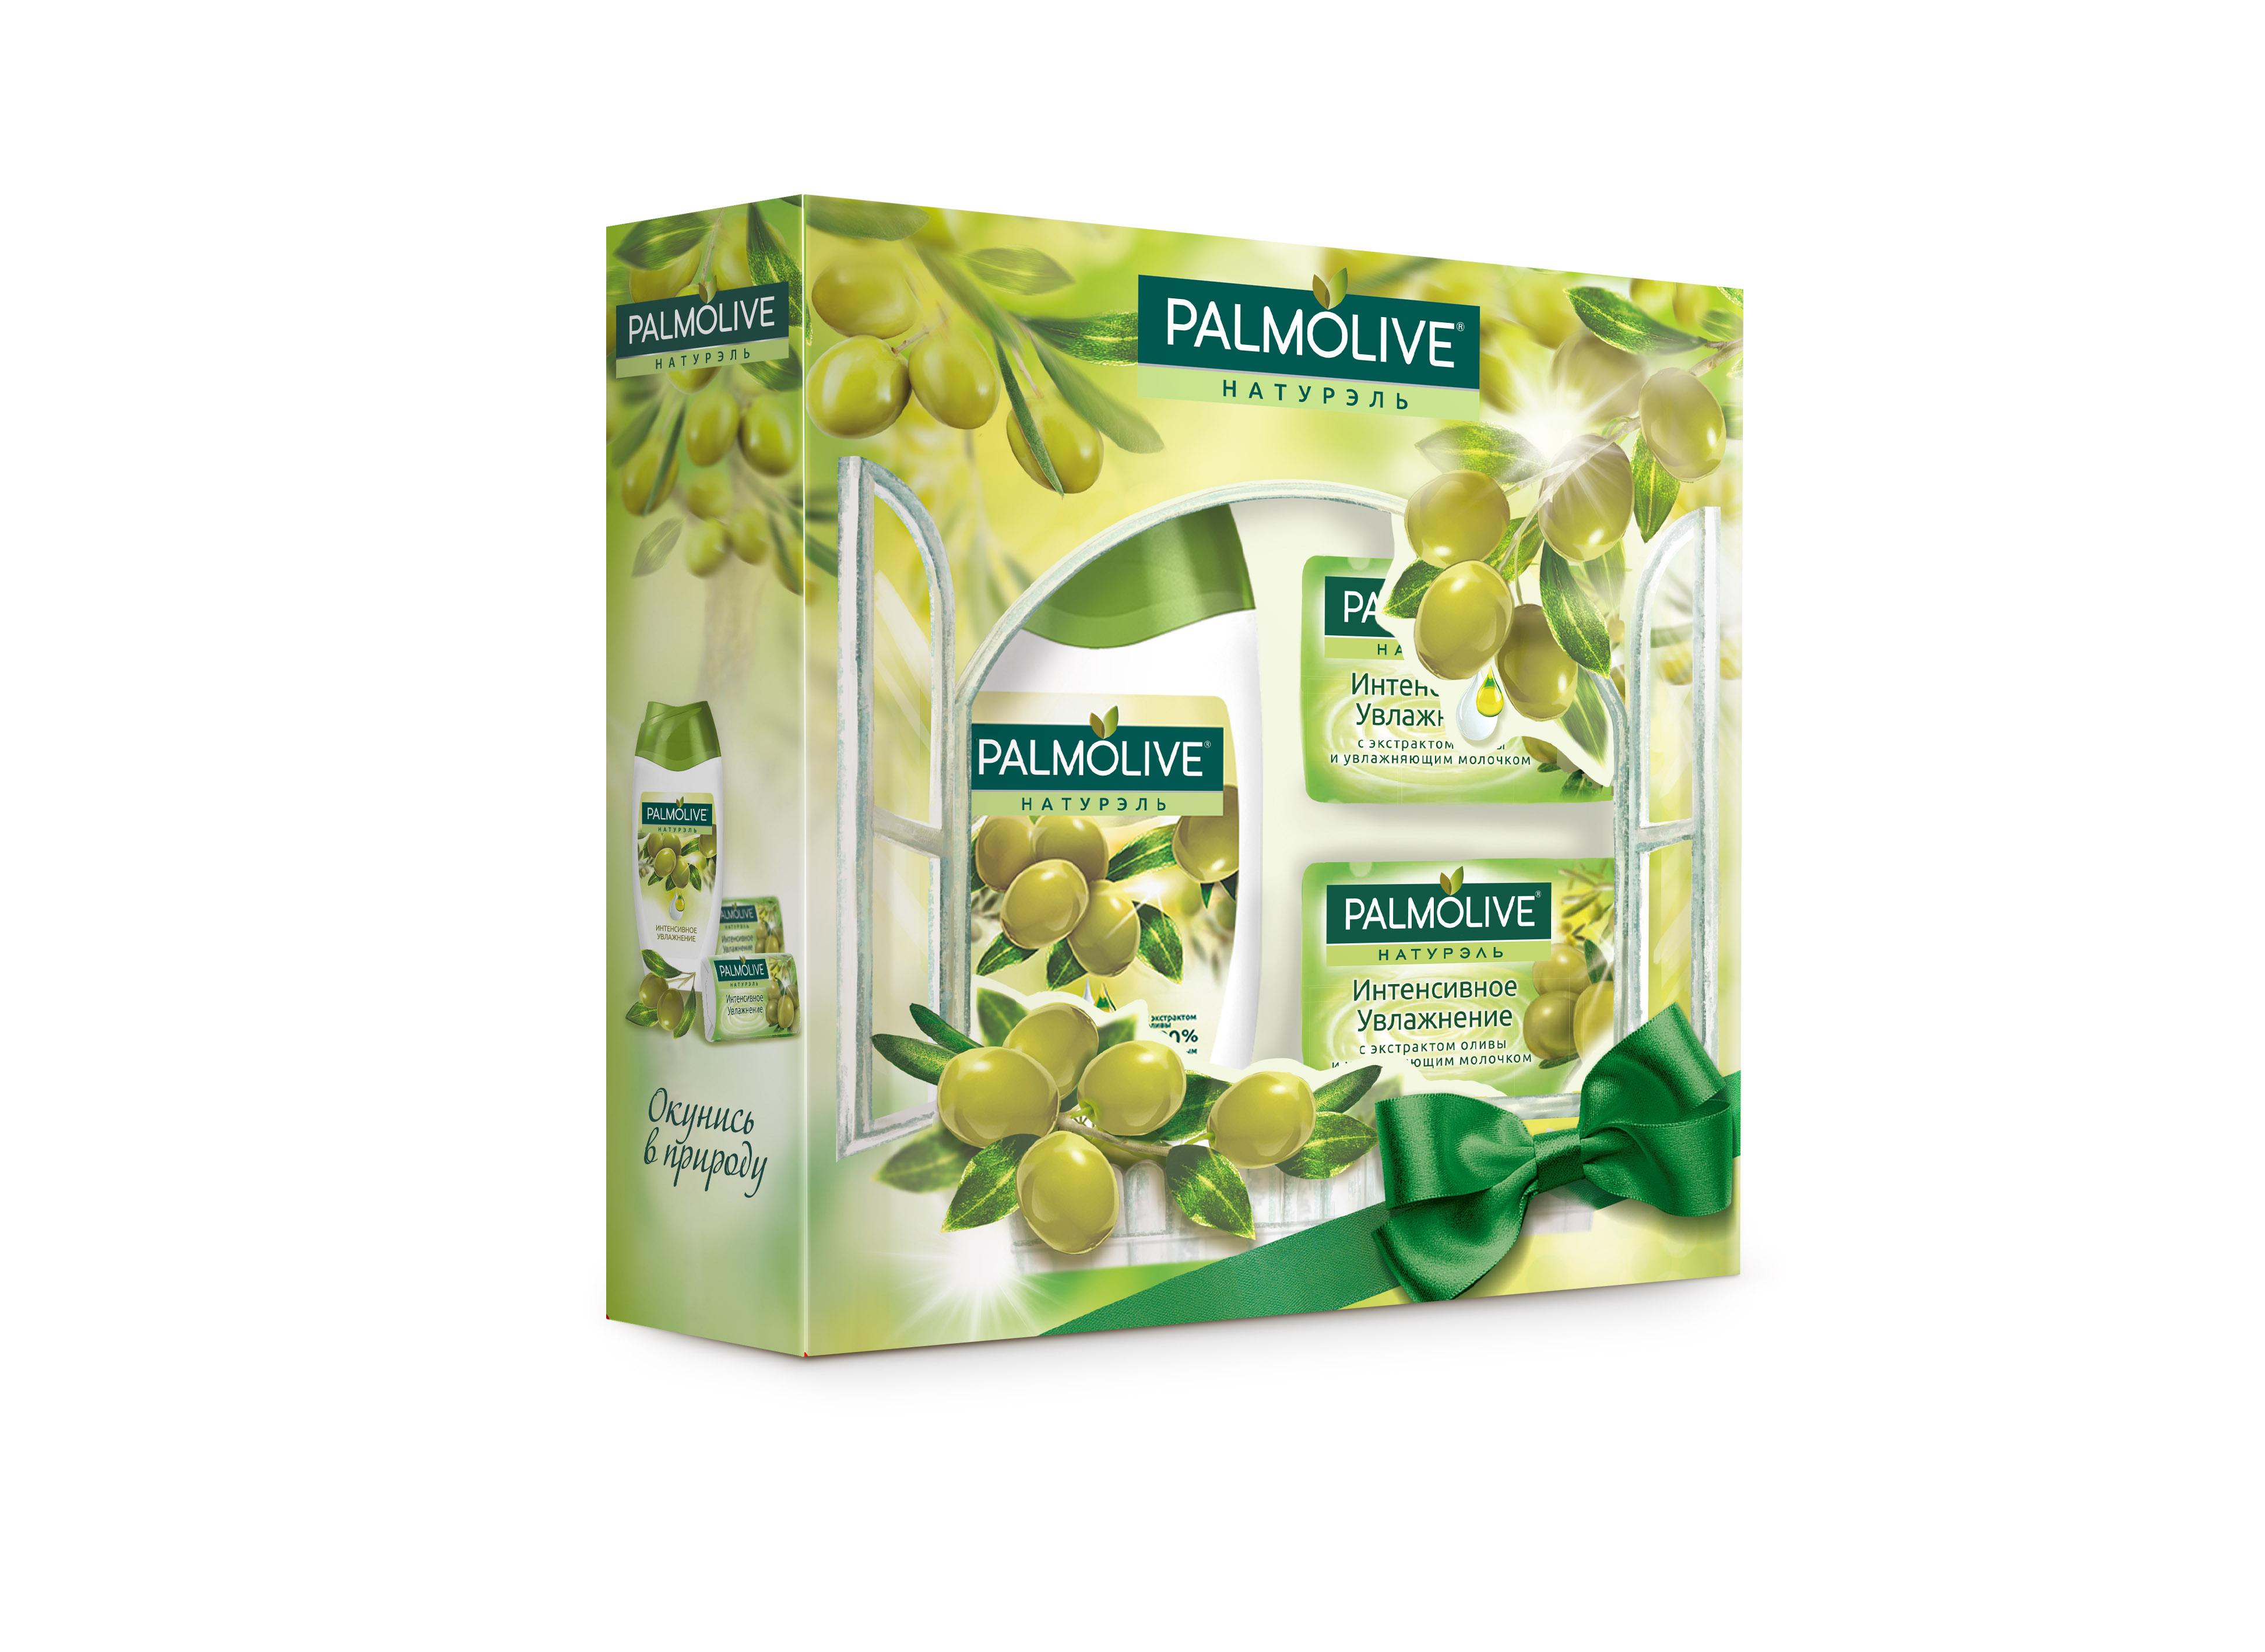 Подарочный набор Palmolive Натурэль Интенсивное Увлажнение с экстрактом оливы